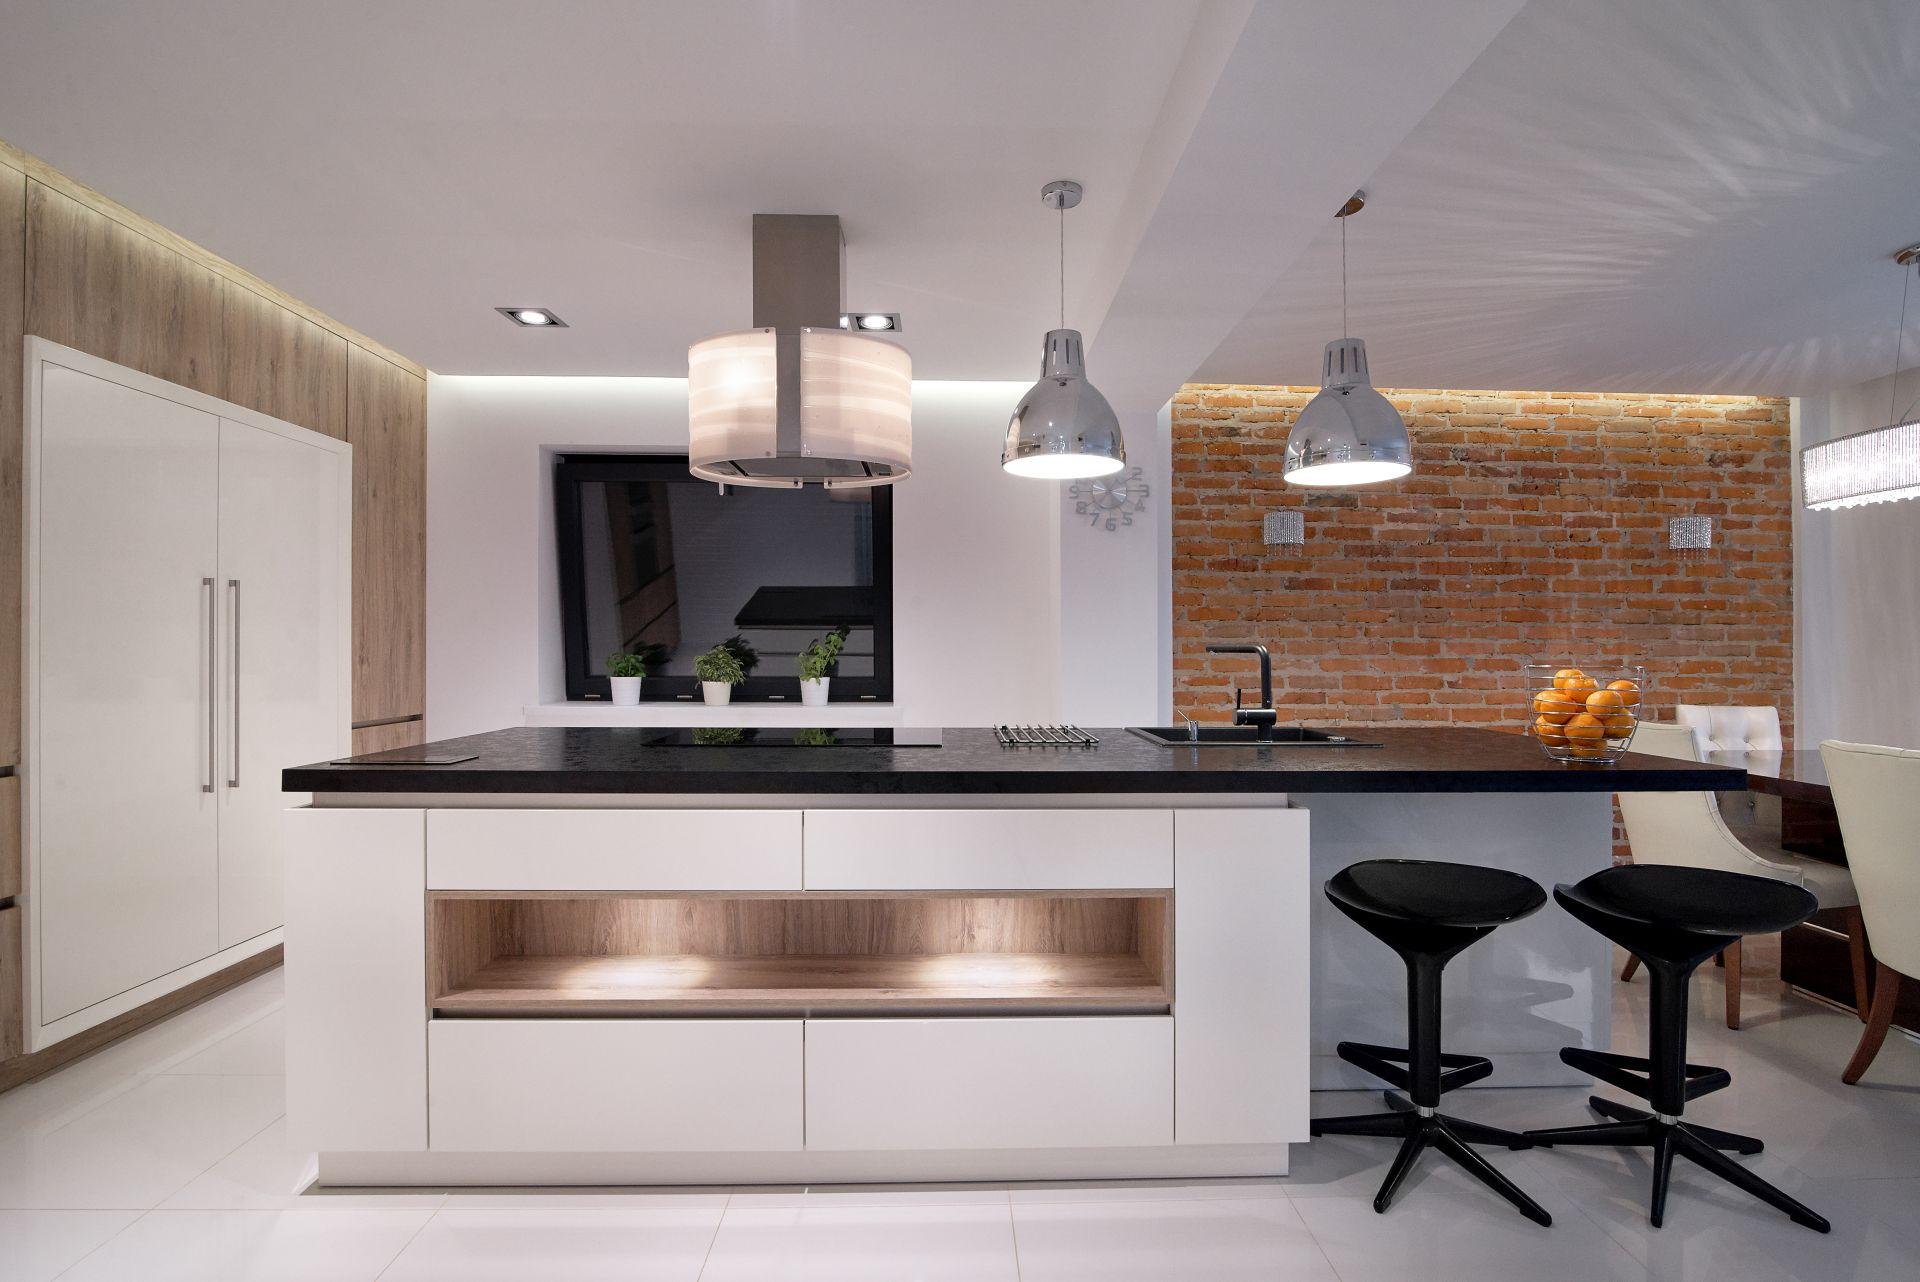 Industrial Inspired Kitchen